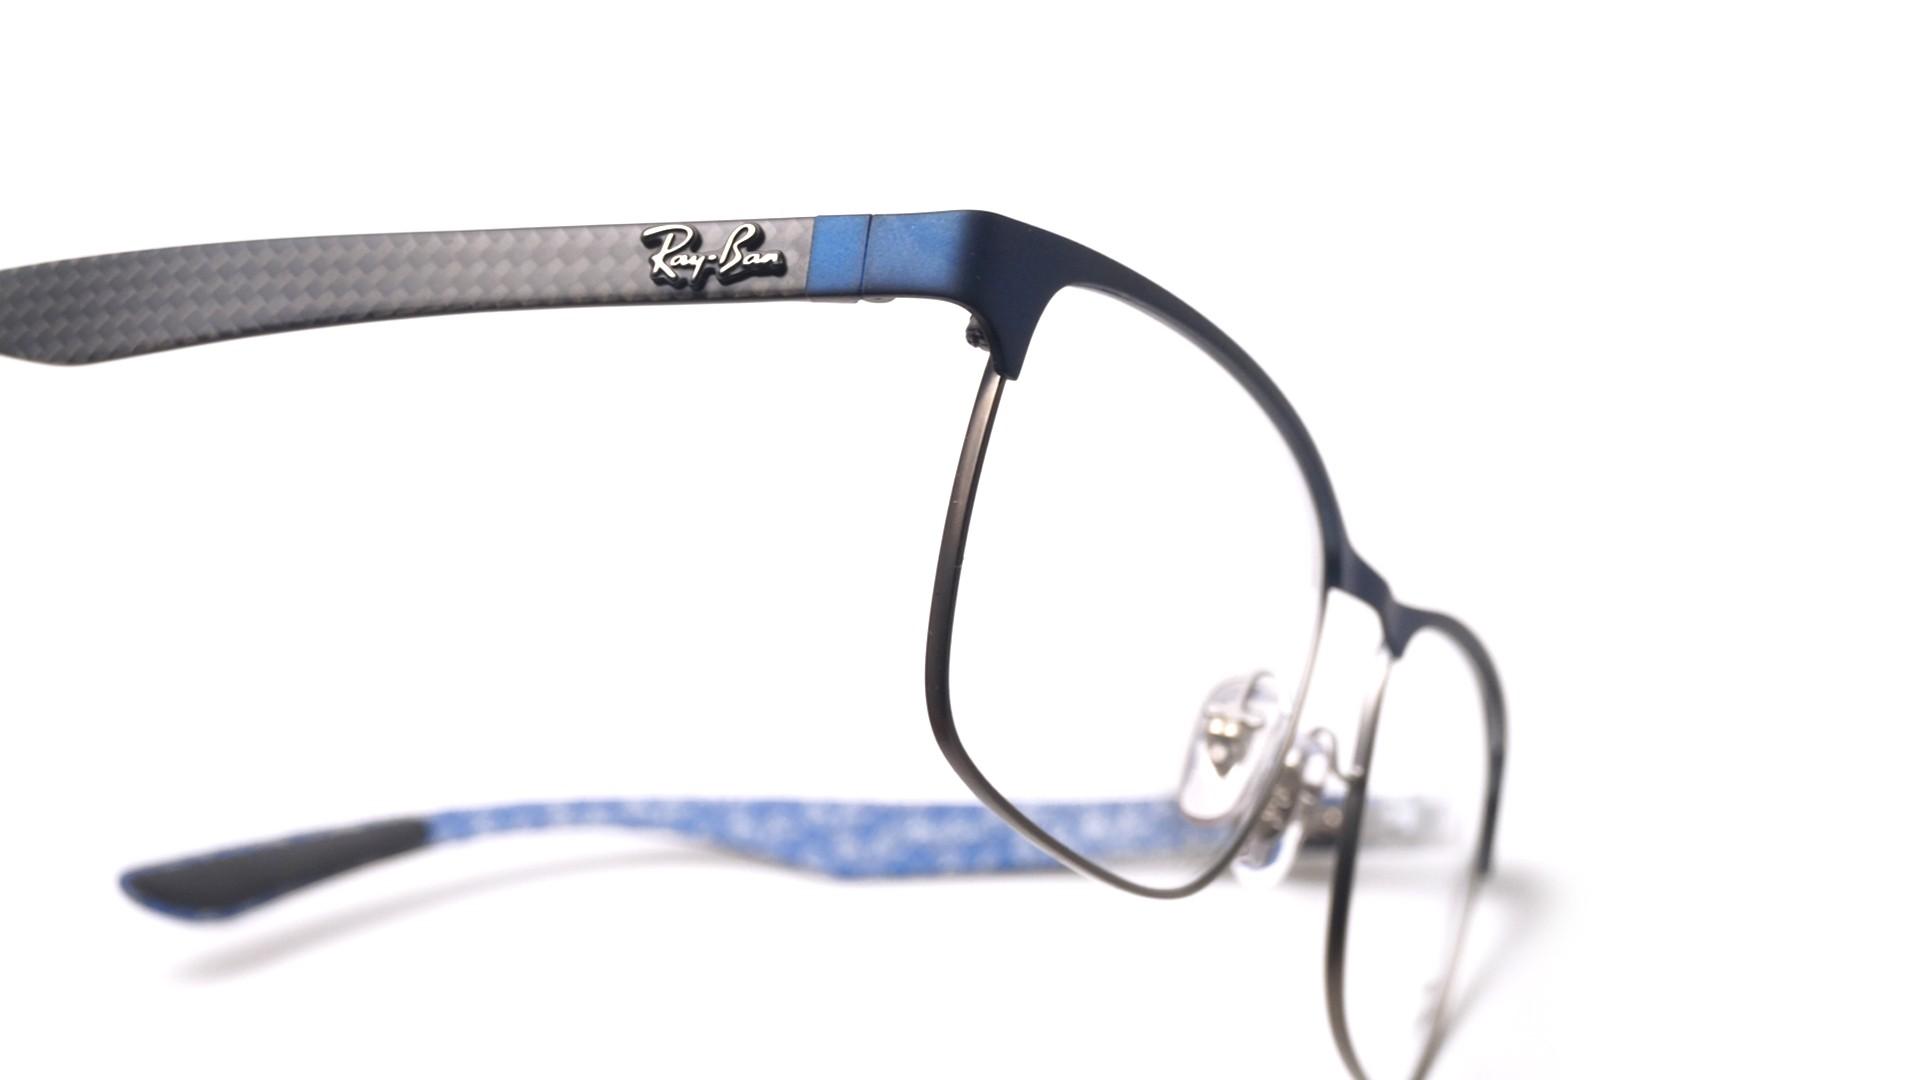 ab34f5995f Eyeglasses Ray-Ban RX8416 RB8416 2914 55-17 Blue Matte Medium